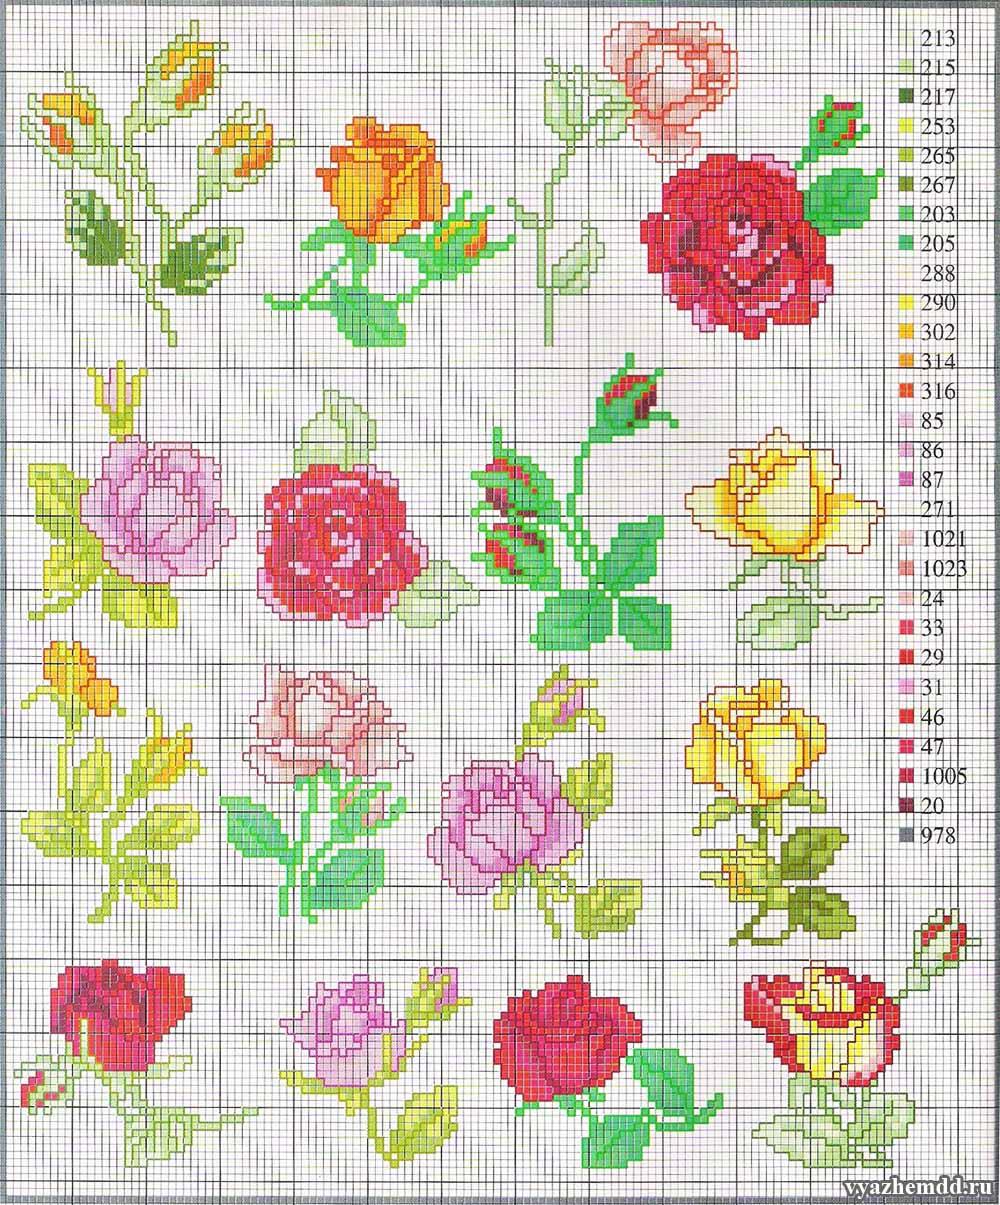 rozy-besplatnye-shemy-vyshivki